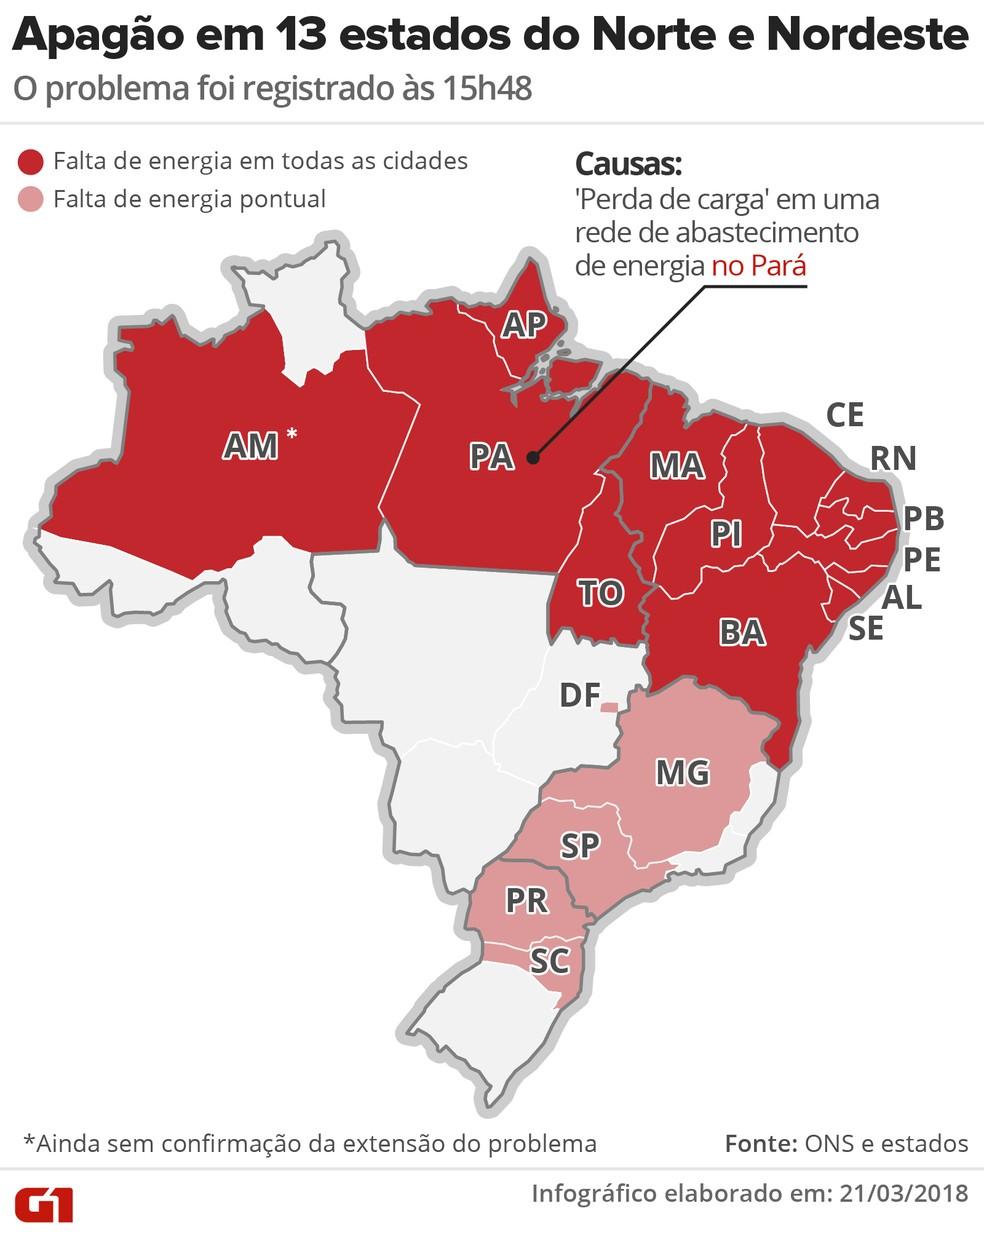 Apagão nos estados do Norte e do Nordeste (Foto: Infografia: Alexandre Mauro/G1)